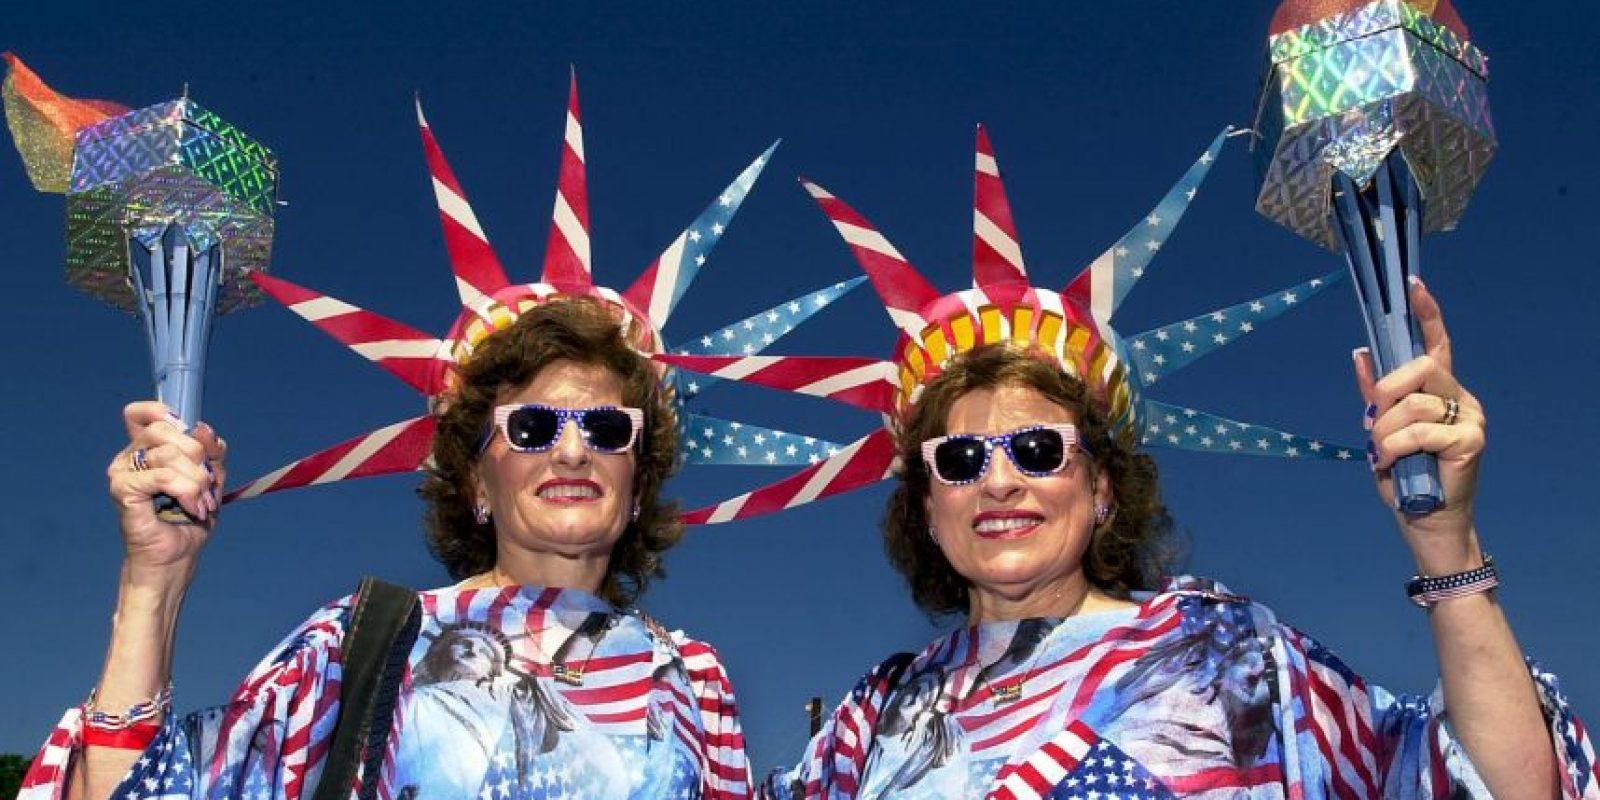 Todos los veranos en Ohio los gemelos celebran su parecido. Foto:Getty Images